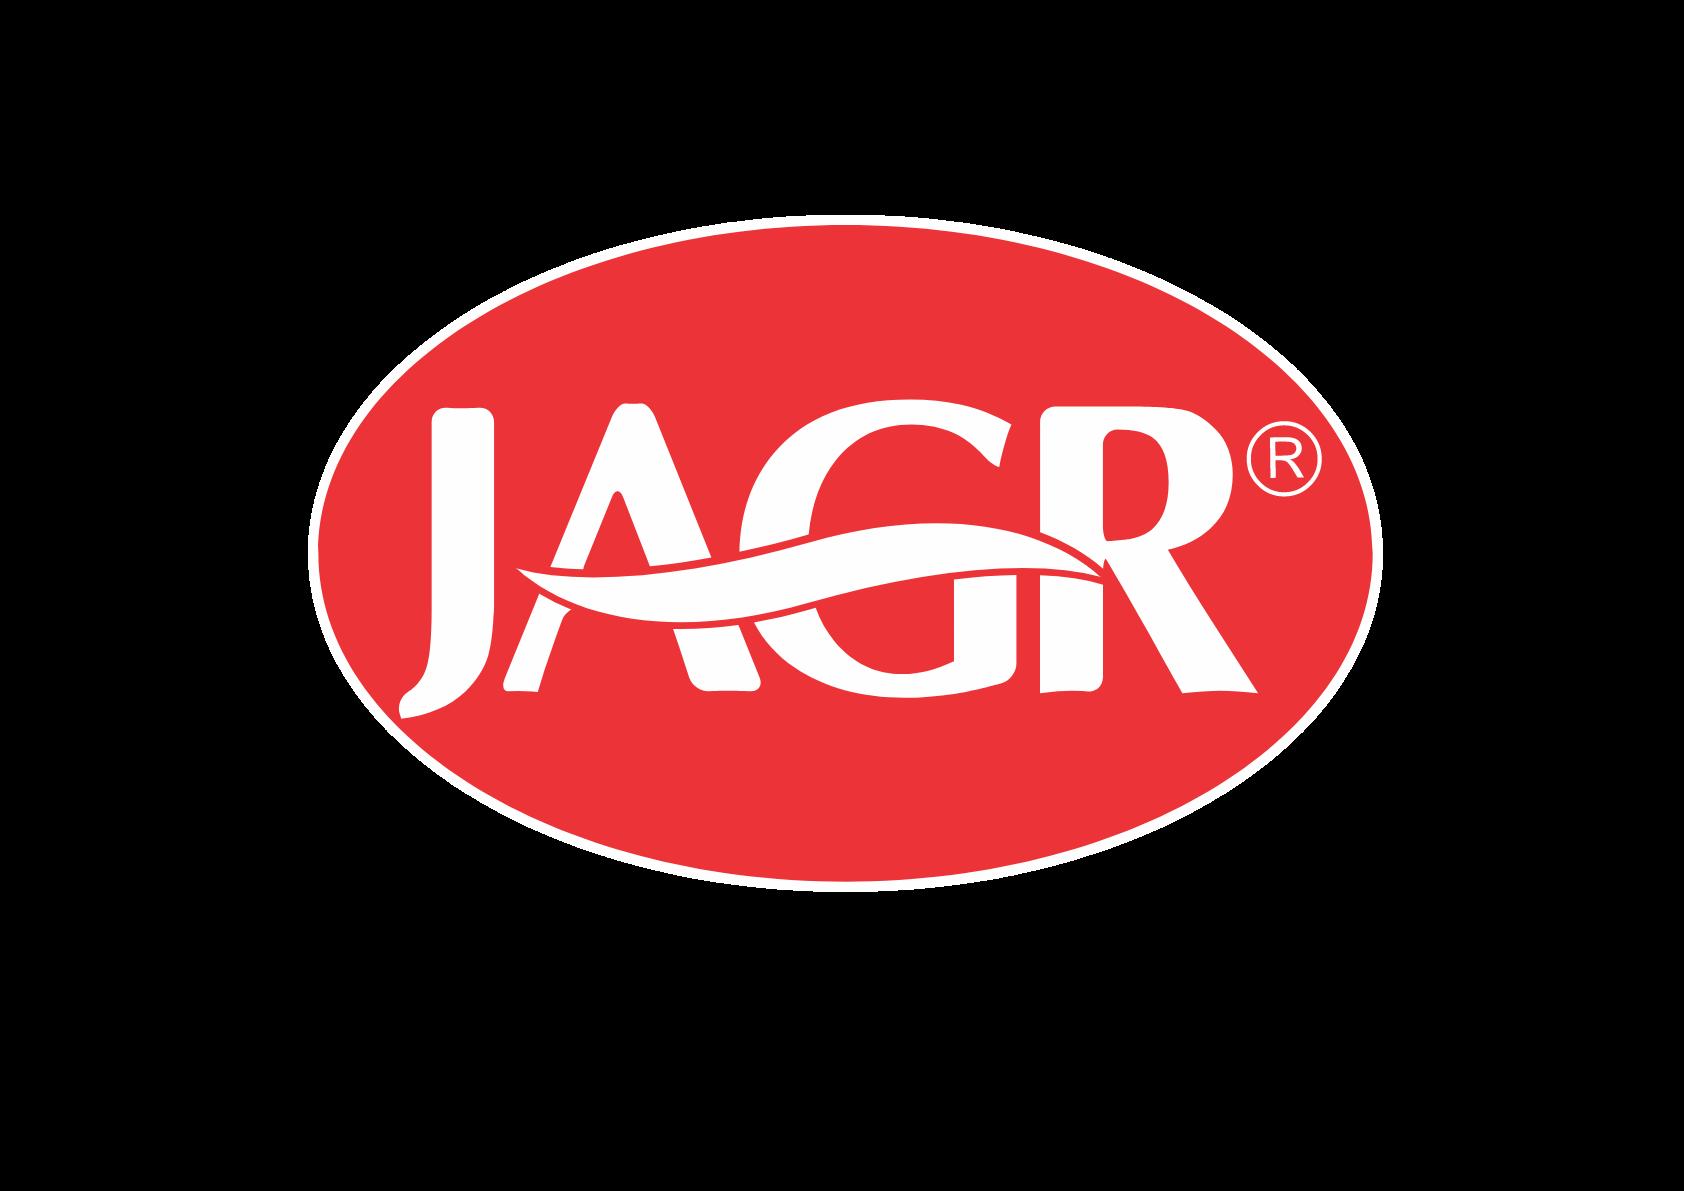 Logo Jagr